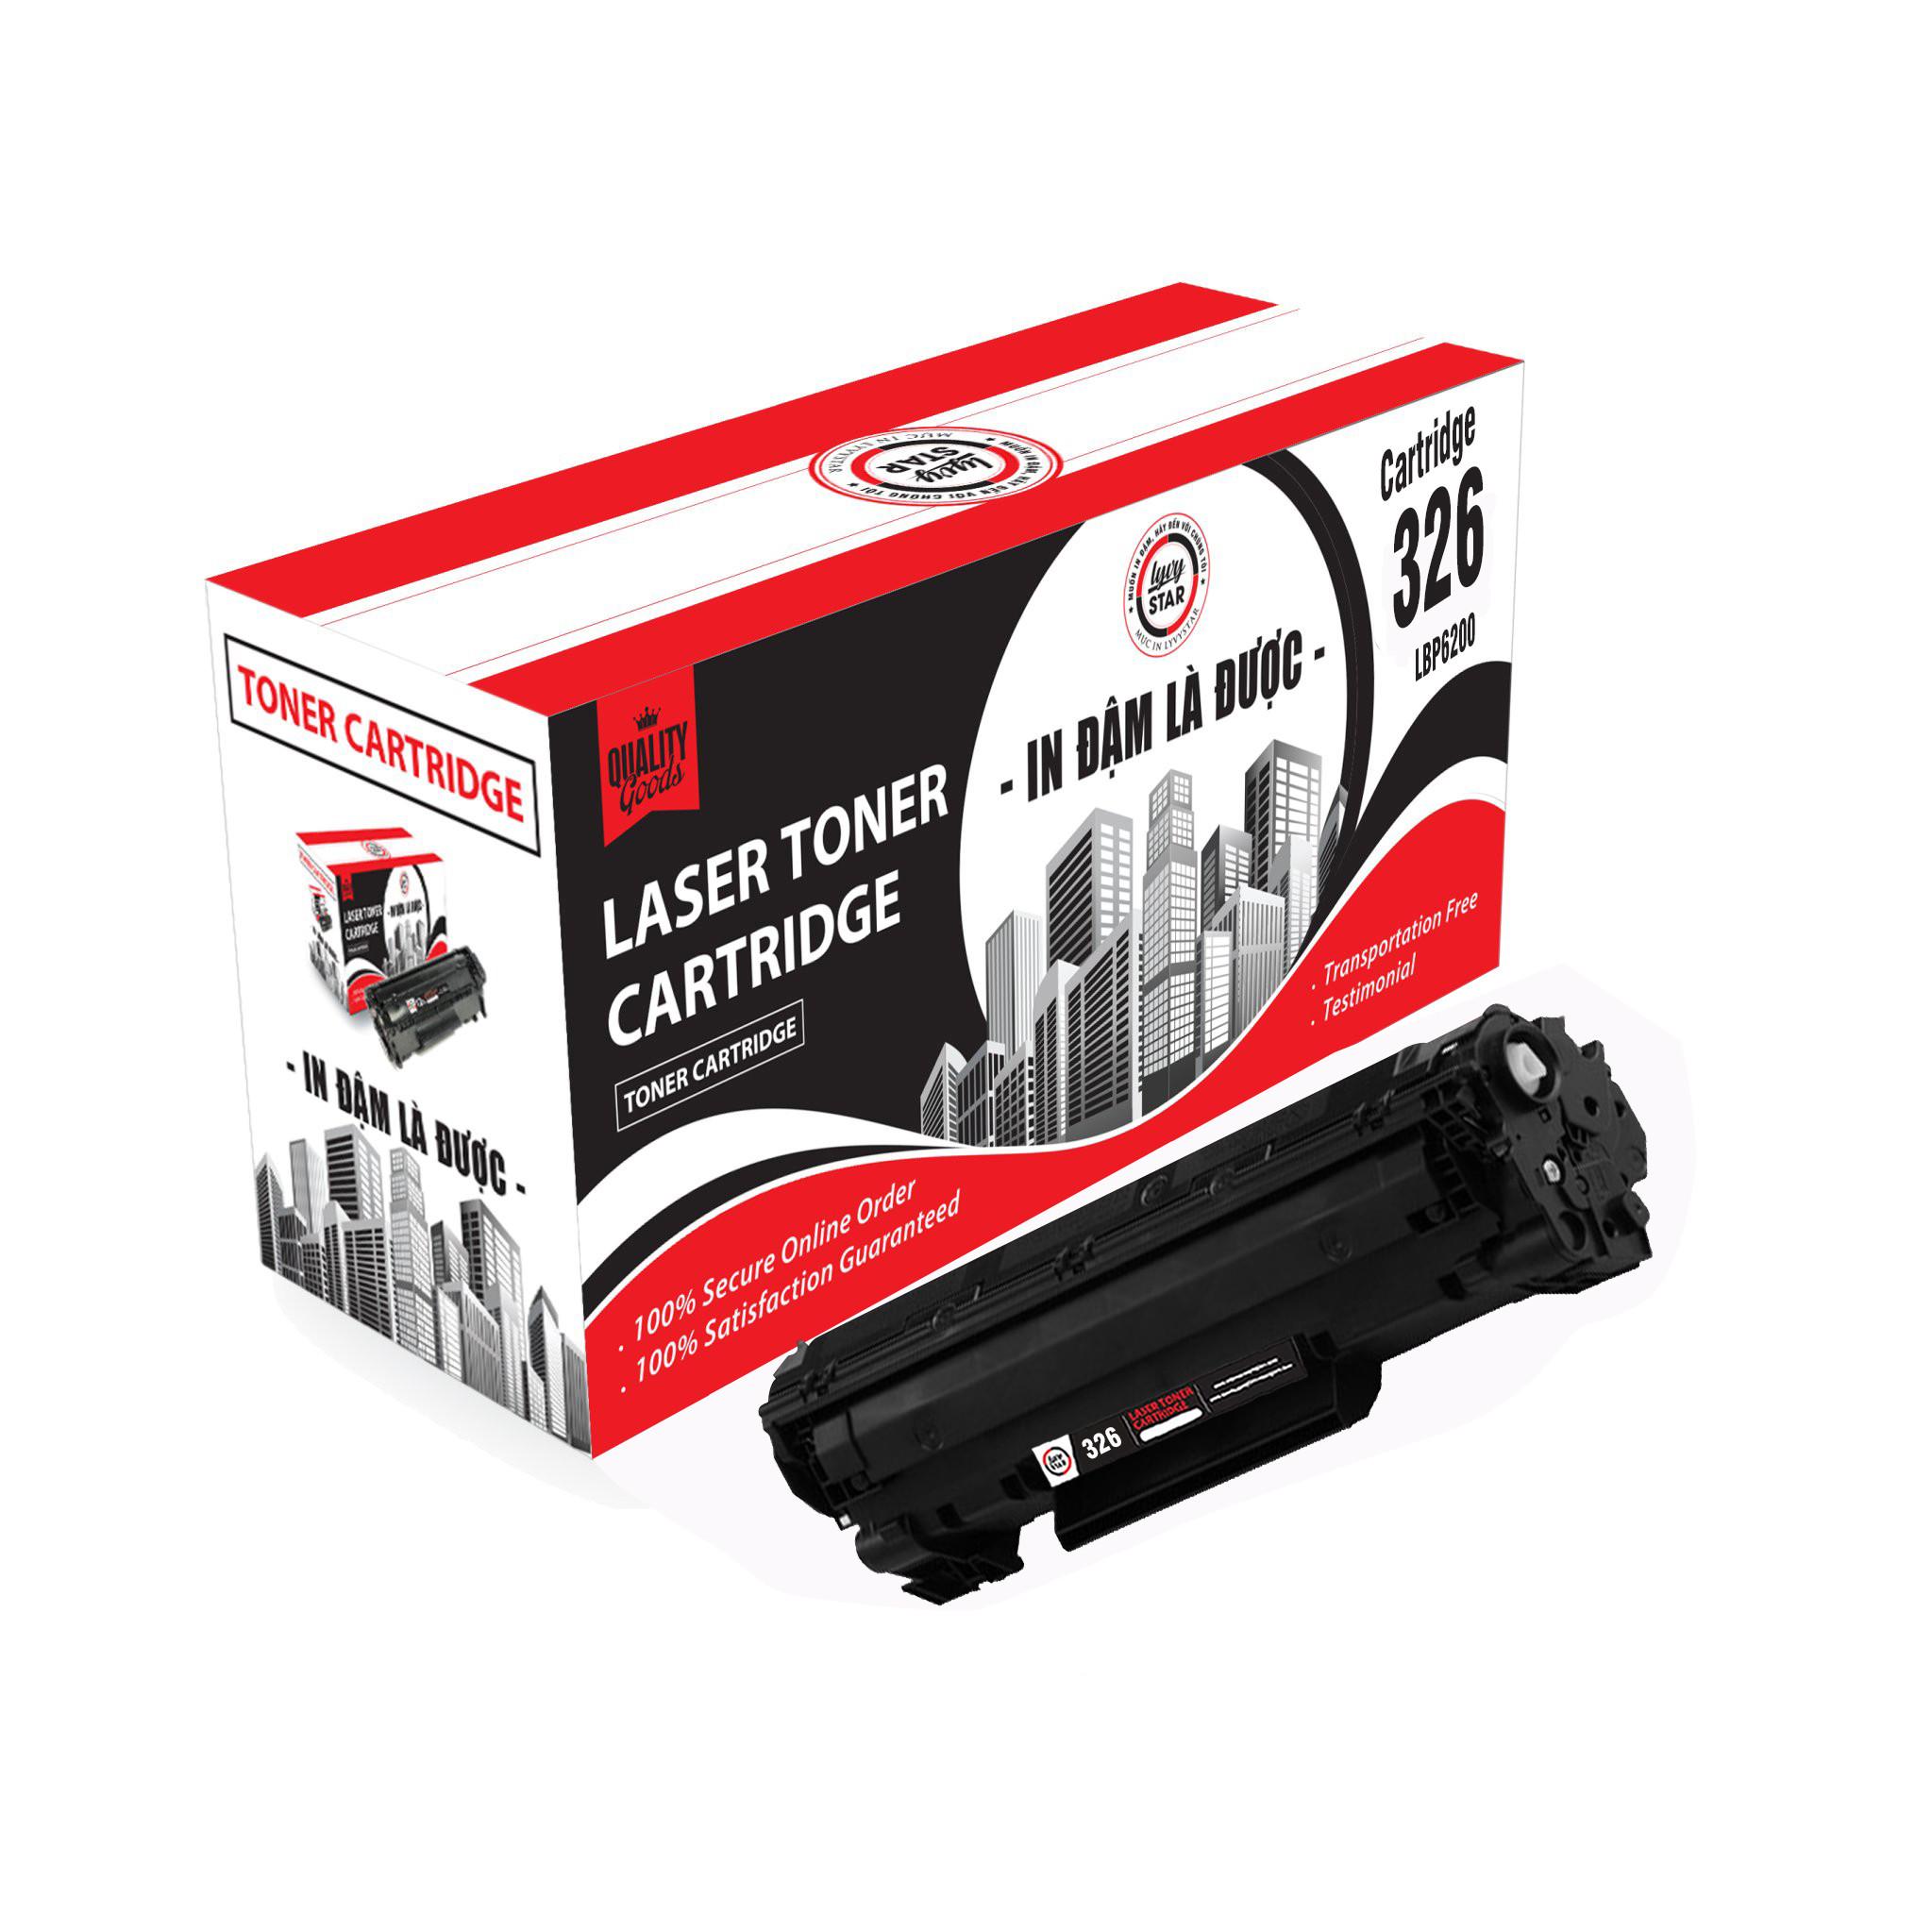 Hộp mực in Lyvystar 326 (toner cartridge 326) sử dụng máy in Canon LBP 6200D - Hàng chính hãng